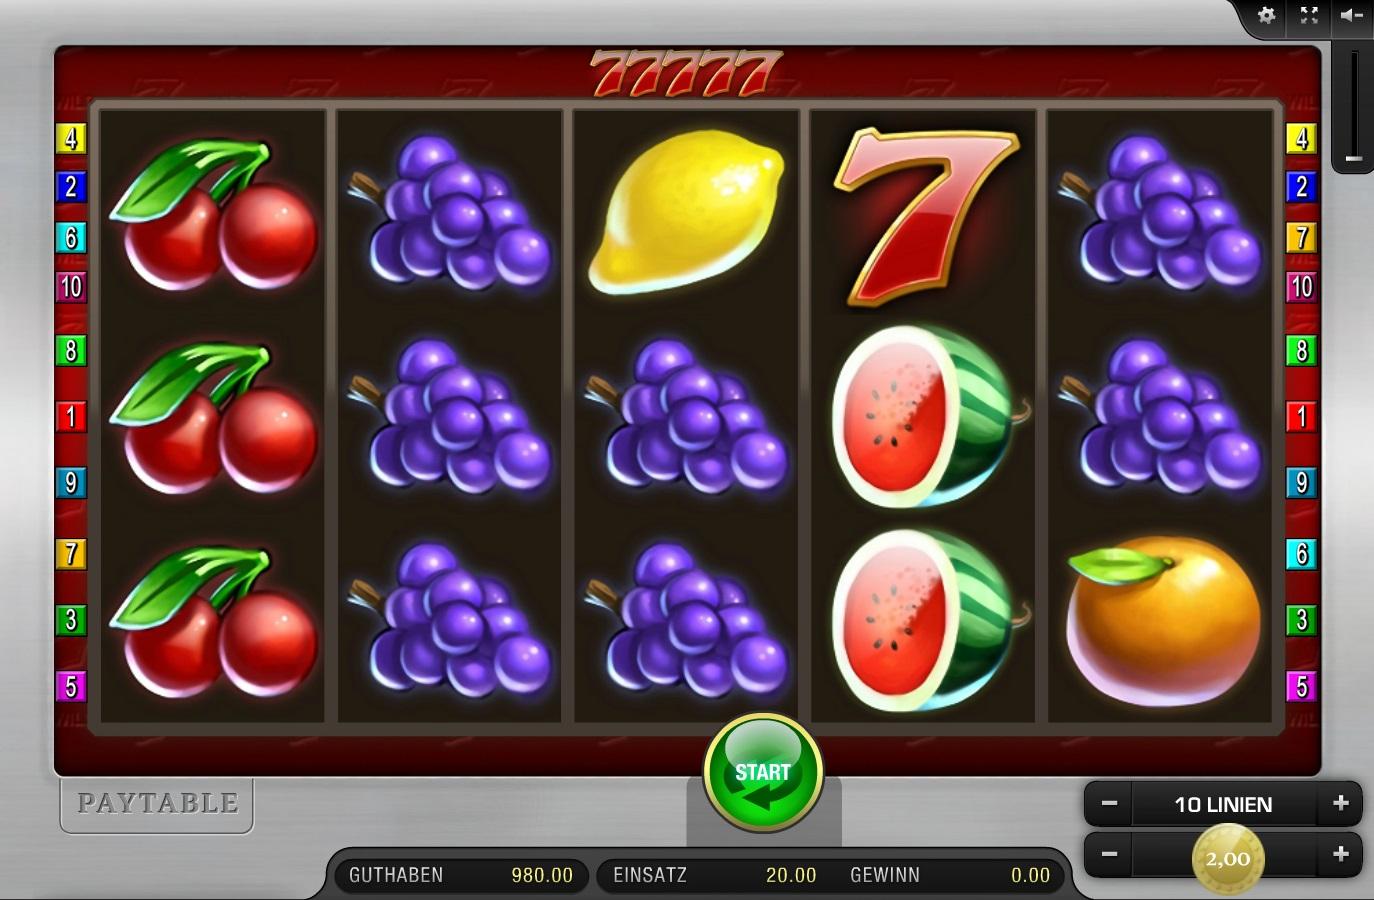 automaten spiele online kostenlos